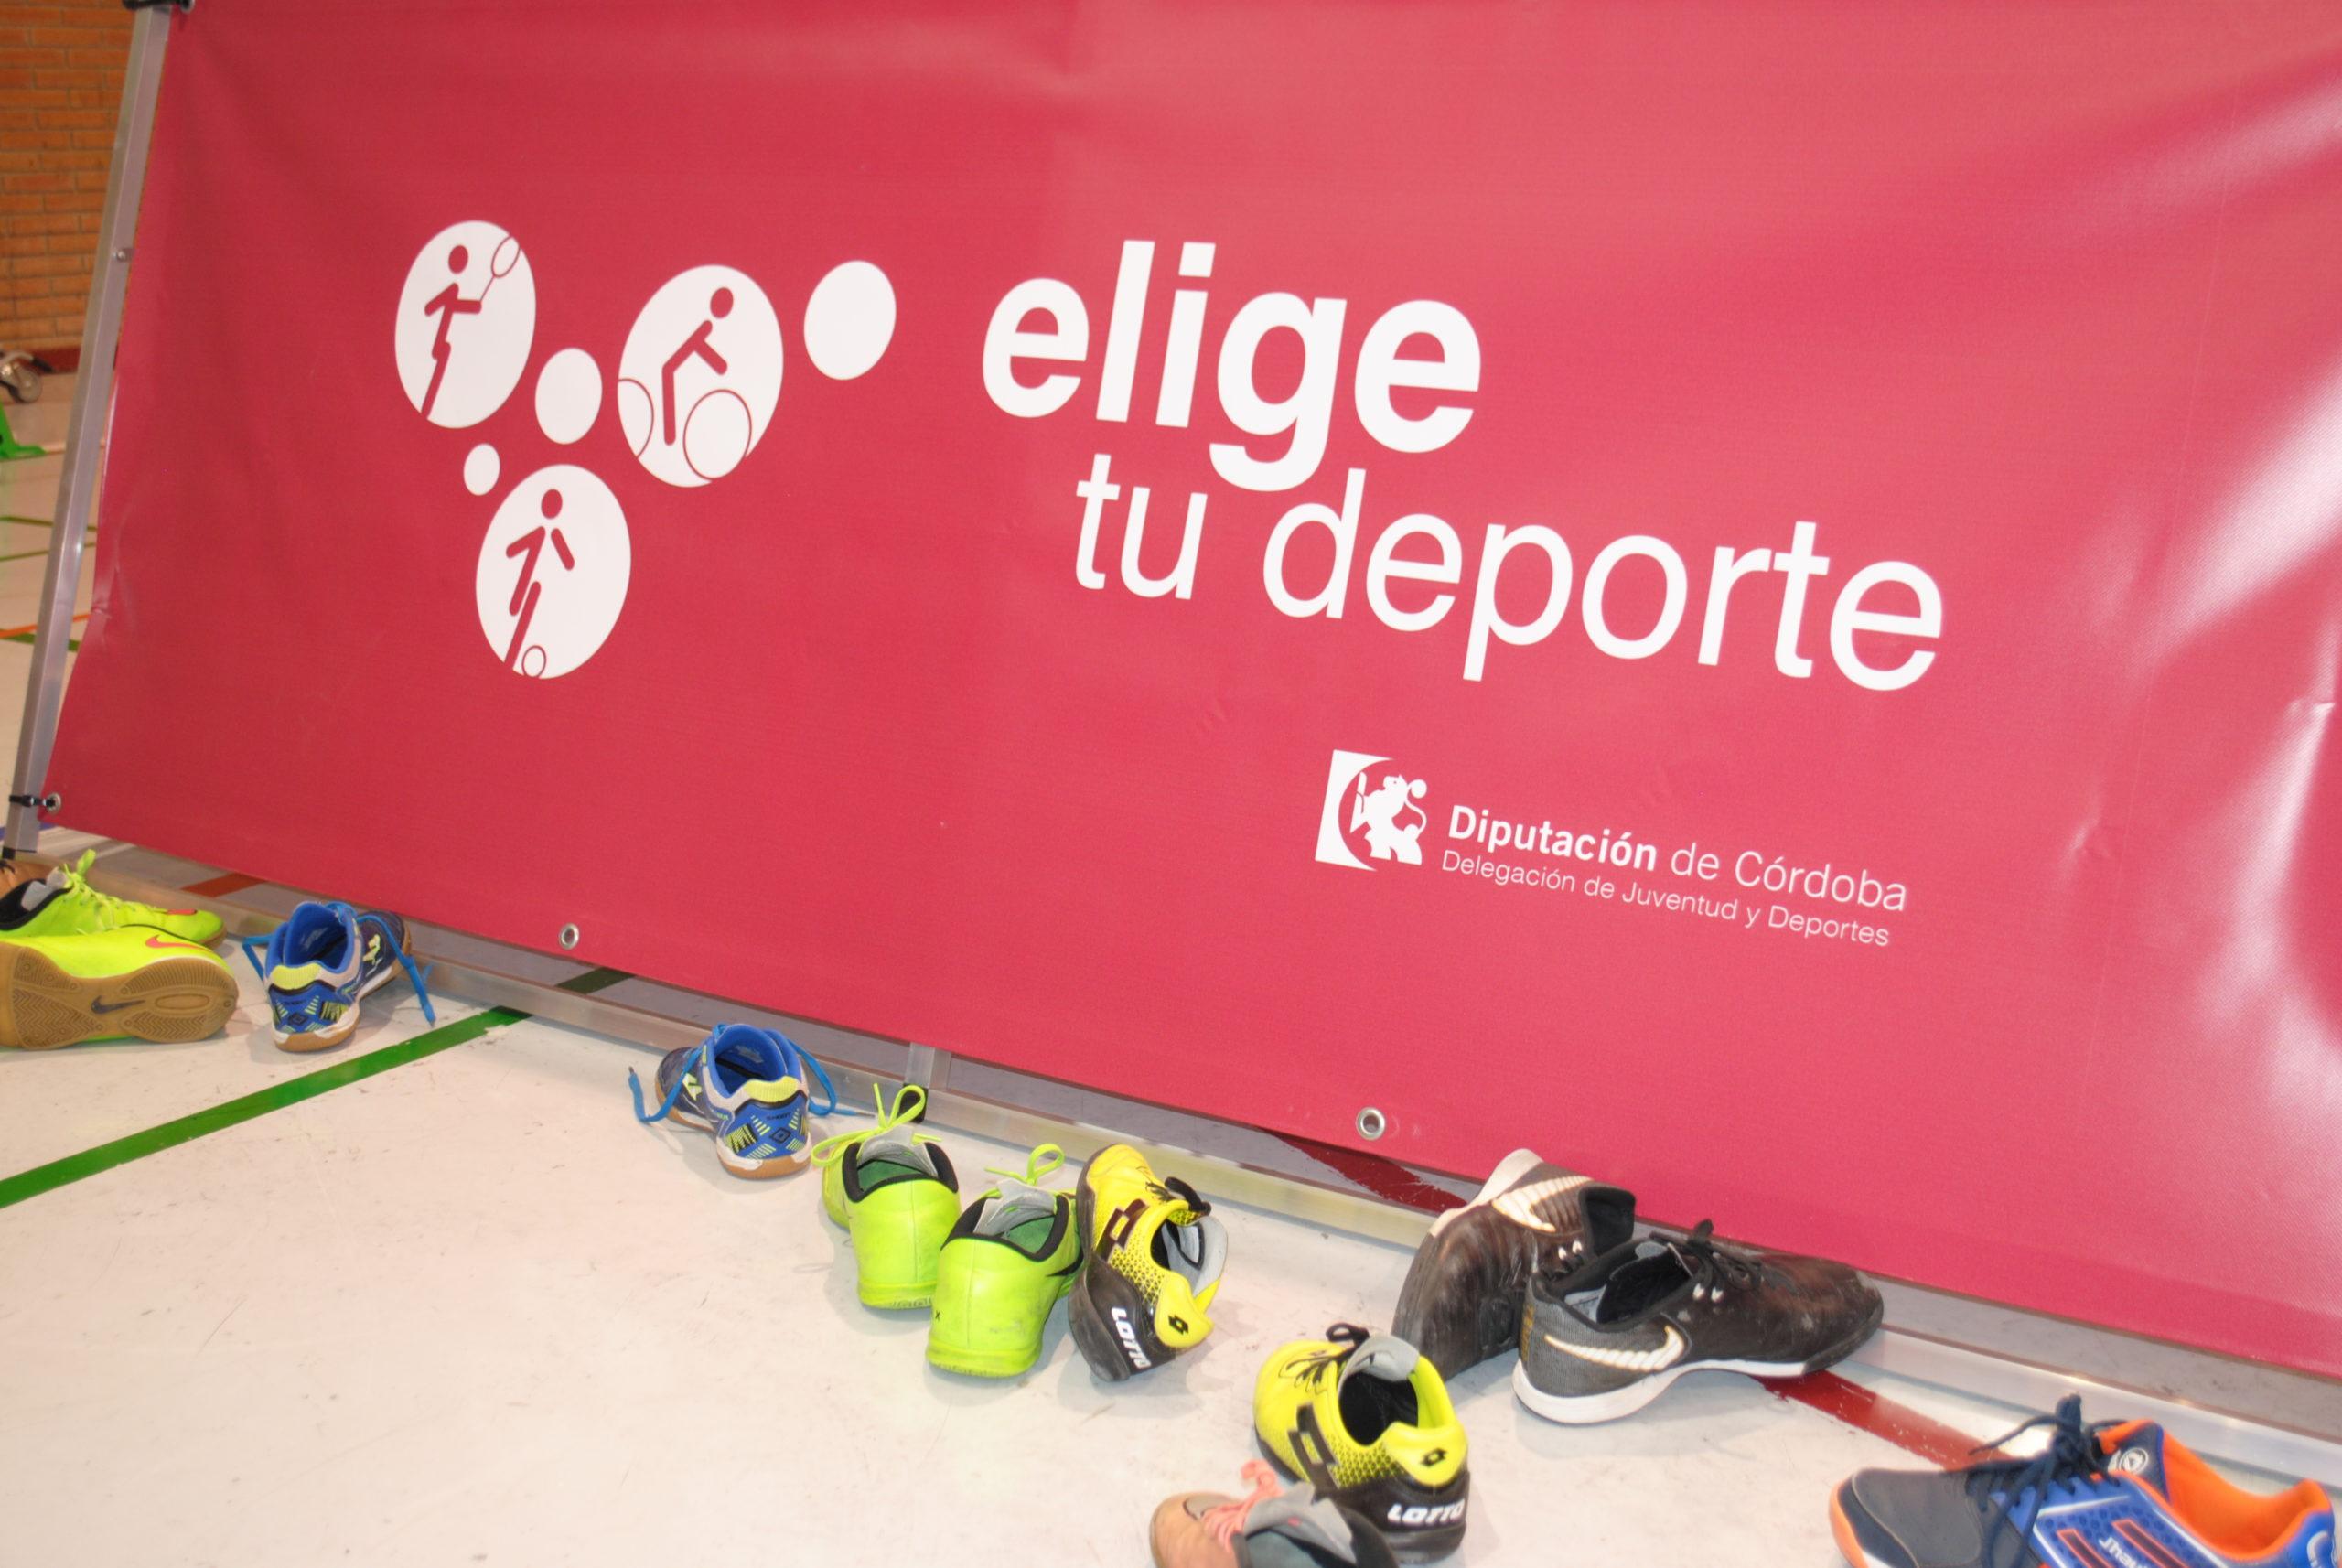 Elige tu Deporte, Nueva Carteya, 20 octubre 2018.